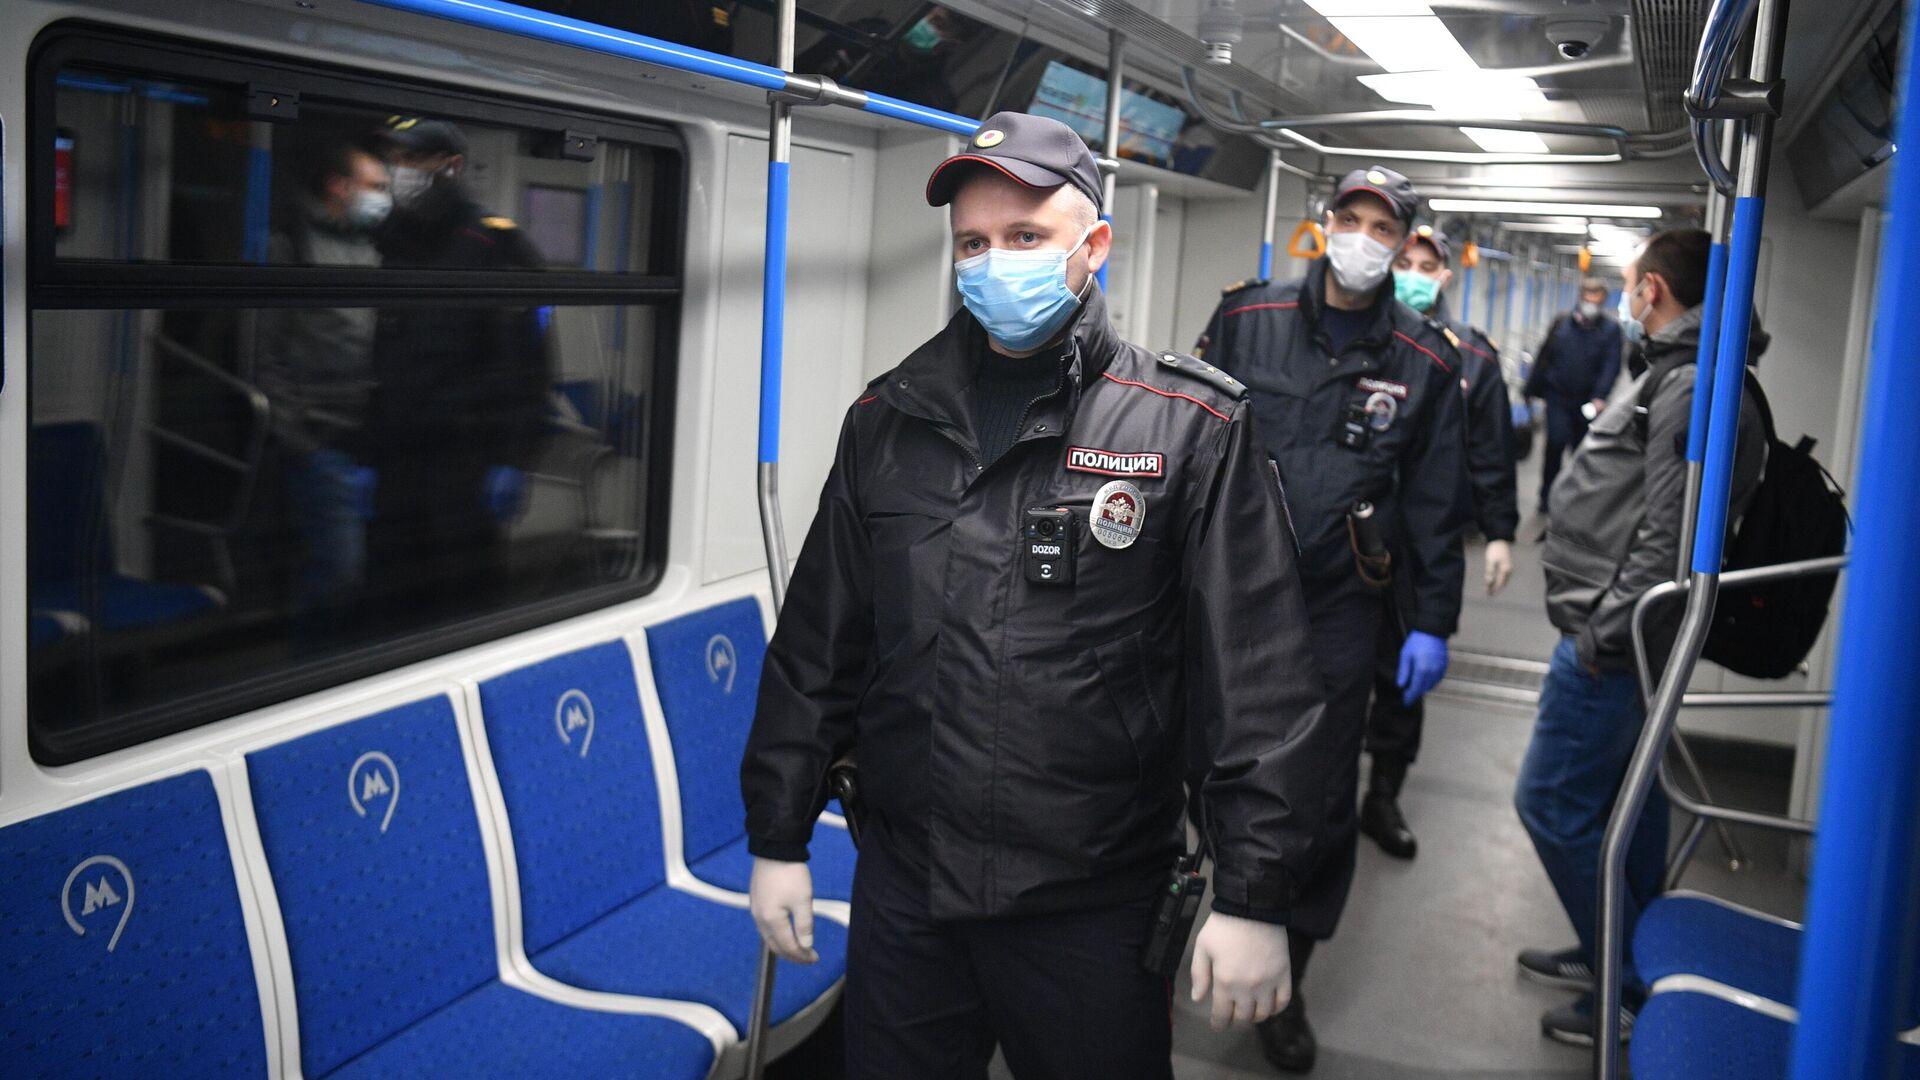 Сотрудники полиции в защитных масках в вагоне московского метро  - РИА Новости, 1920, 09.06.2021